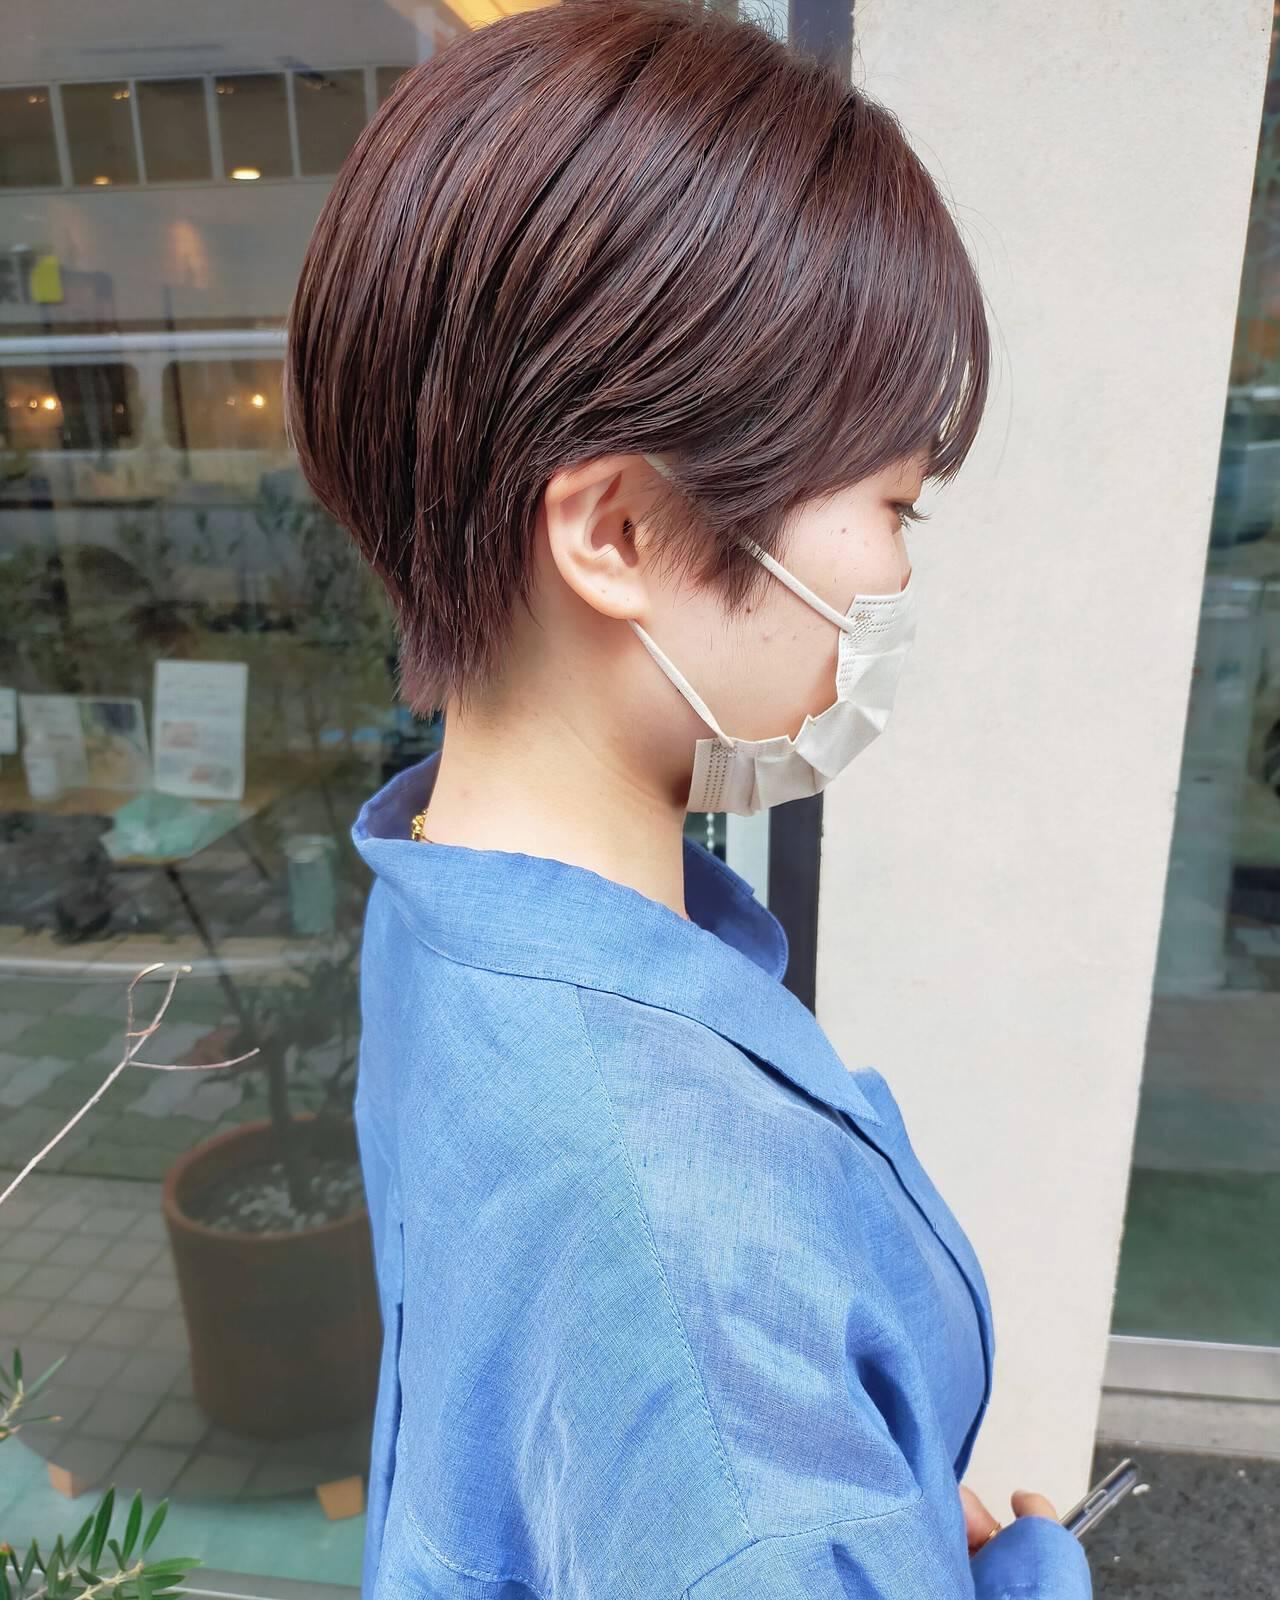 ナチュラルベージュ ナチュラル ショートヘア ワイドバングヘアスタイルや髪型の写真・画像